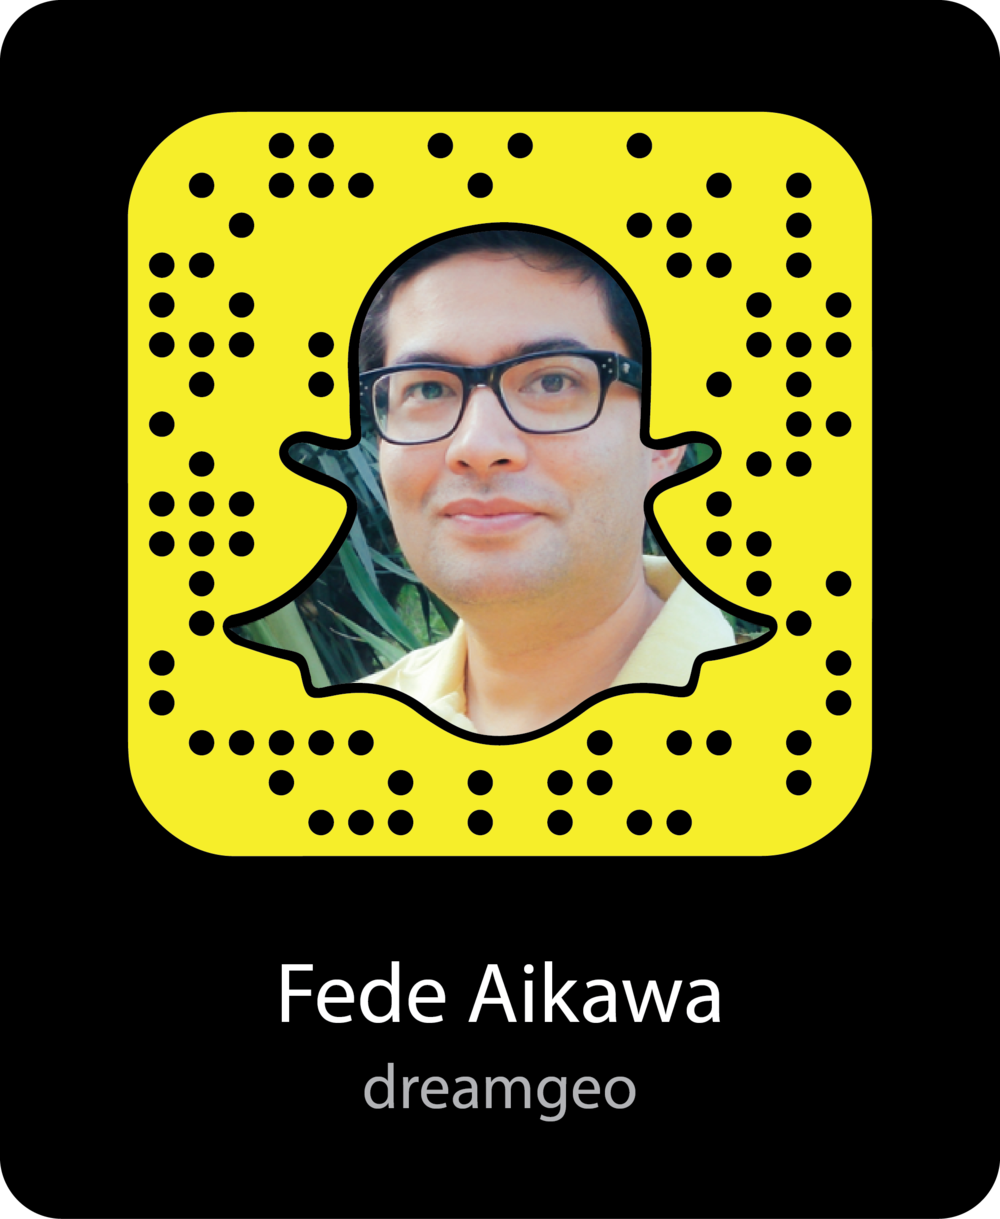 Fede Aikawa dreamgeo-News-snapchat-snapcode.png